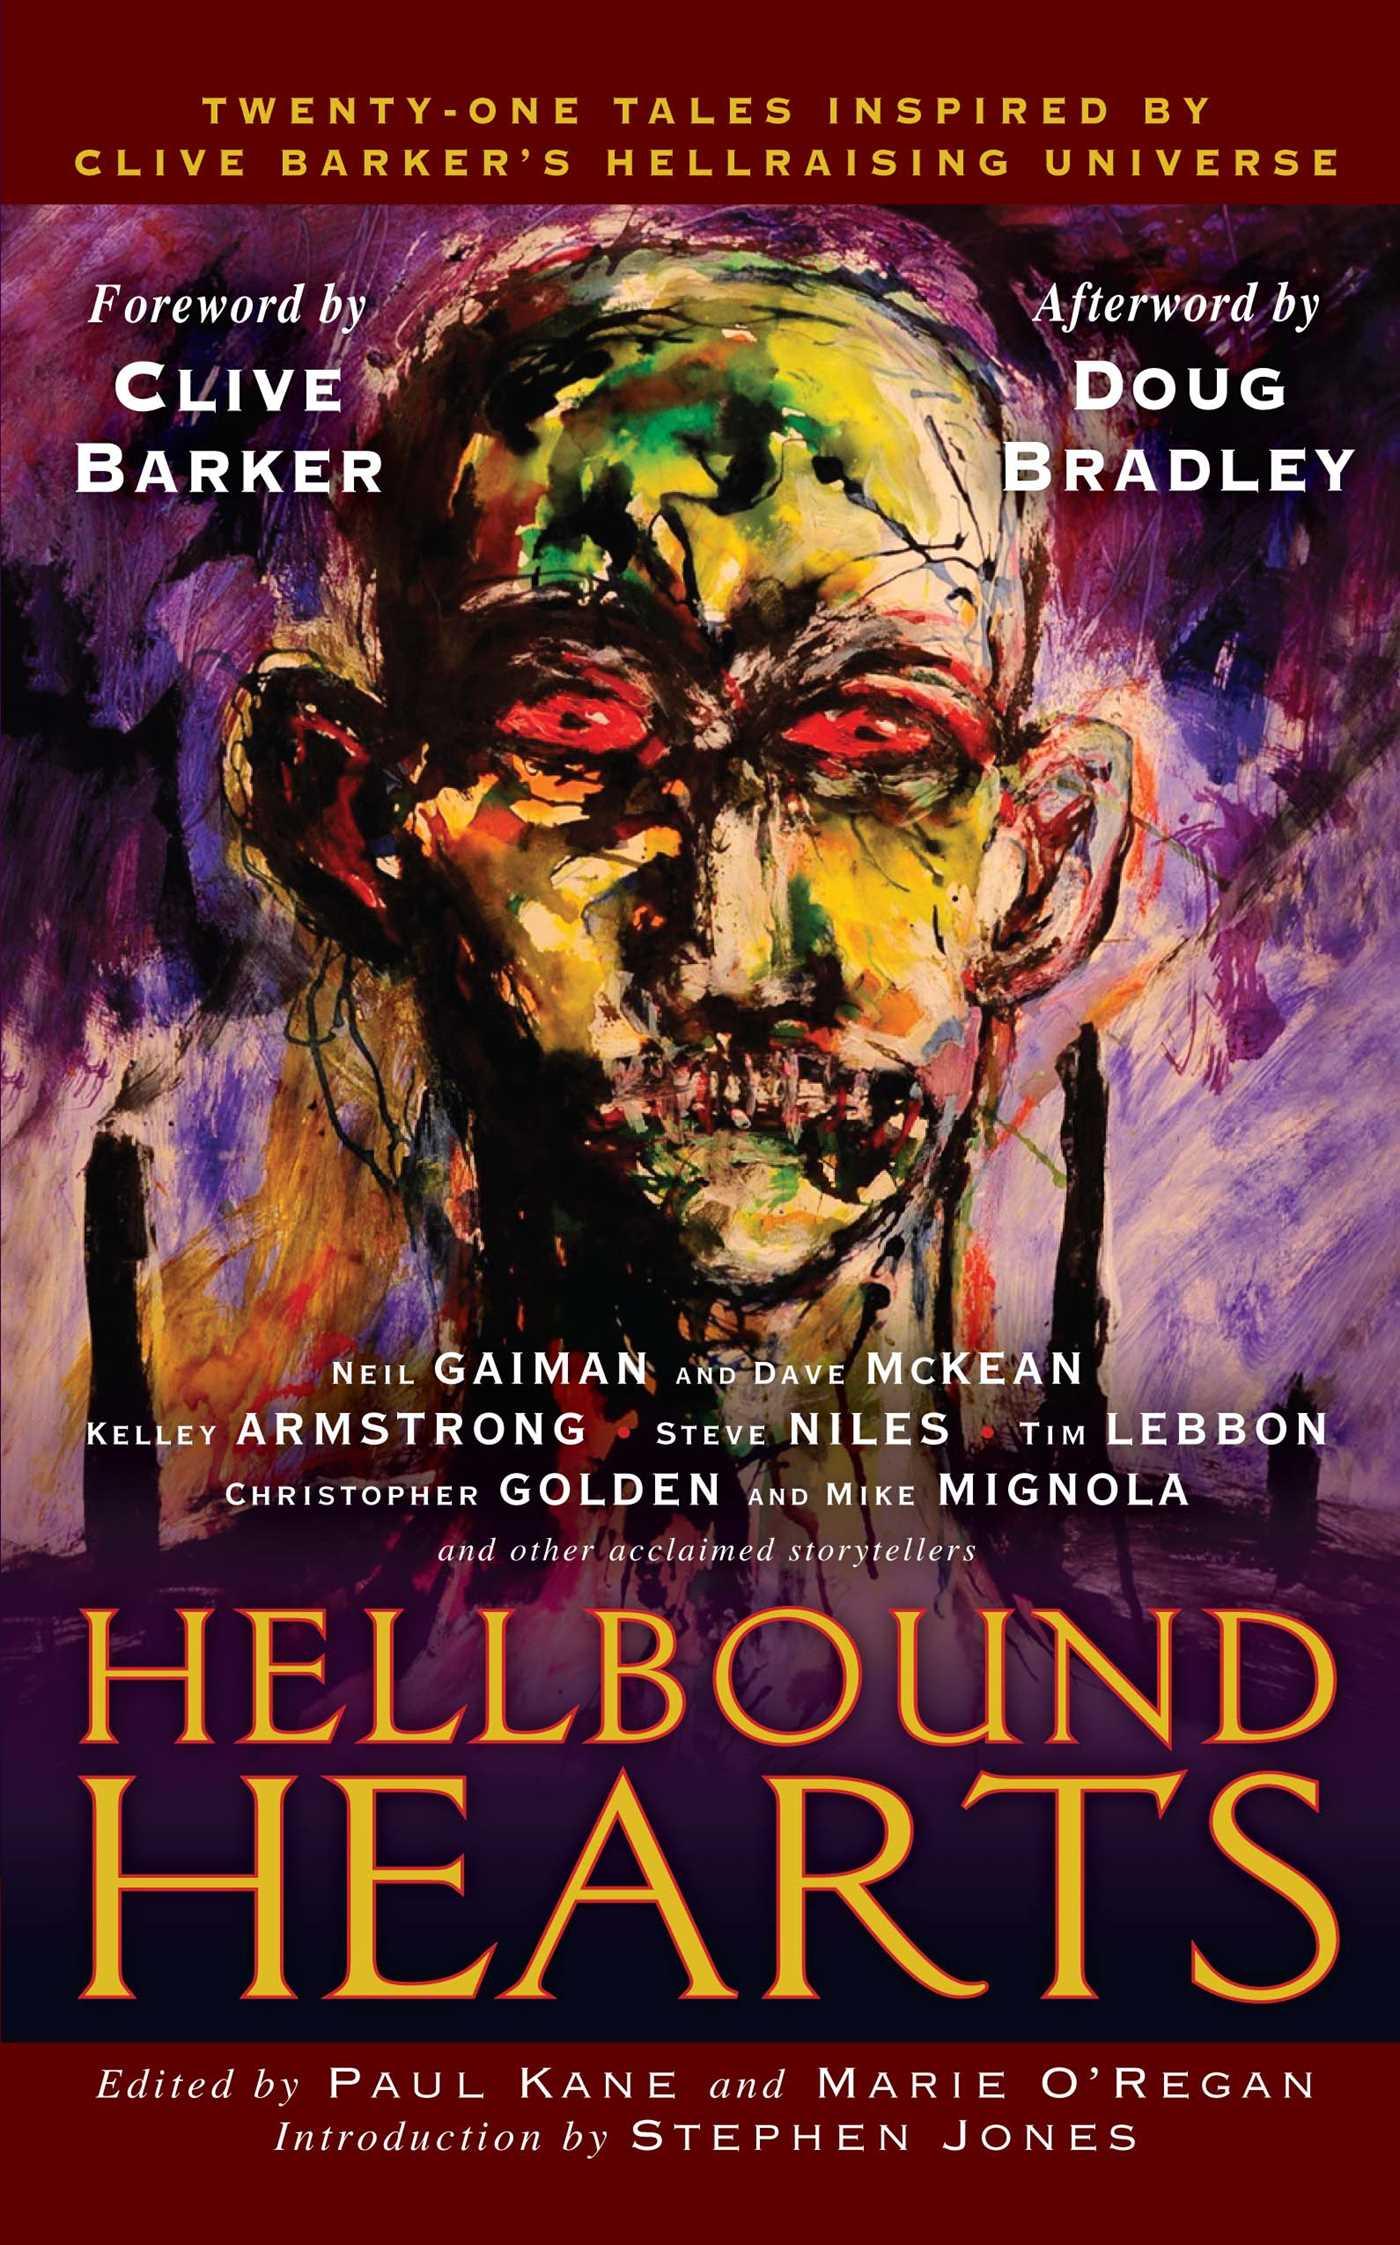 Hellbound hearts 9781439140901 hr